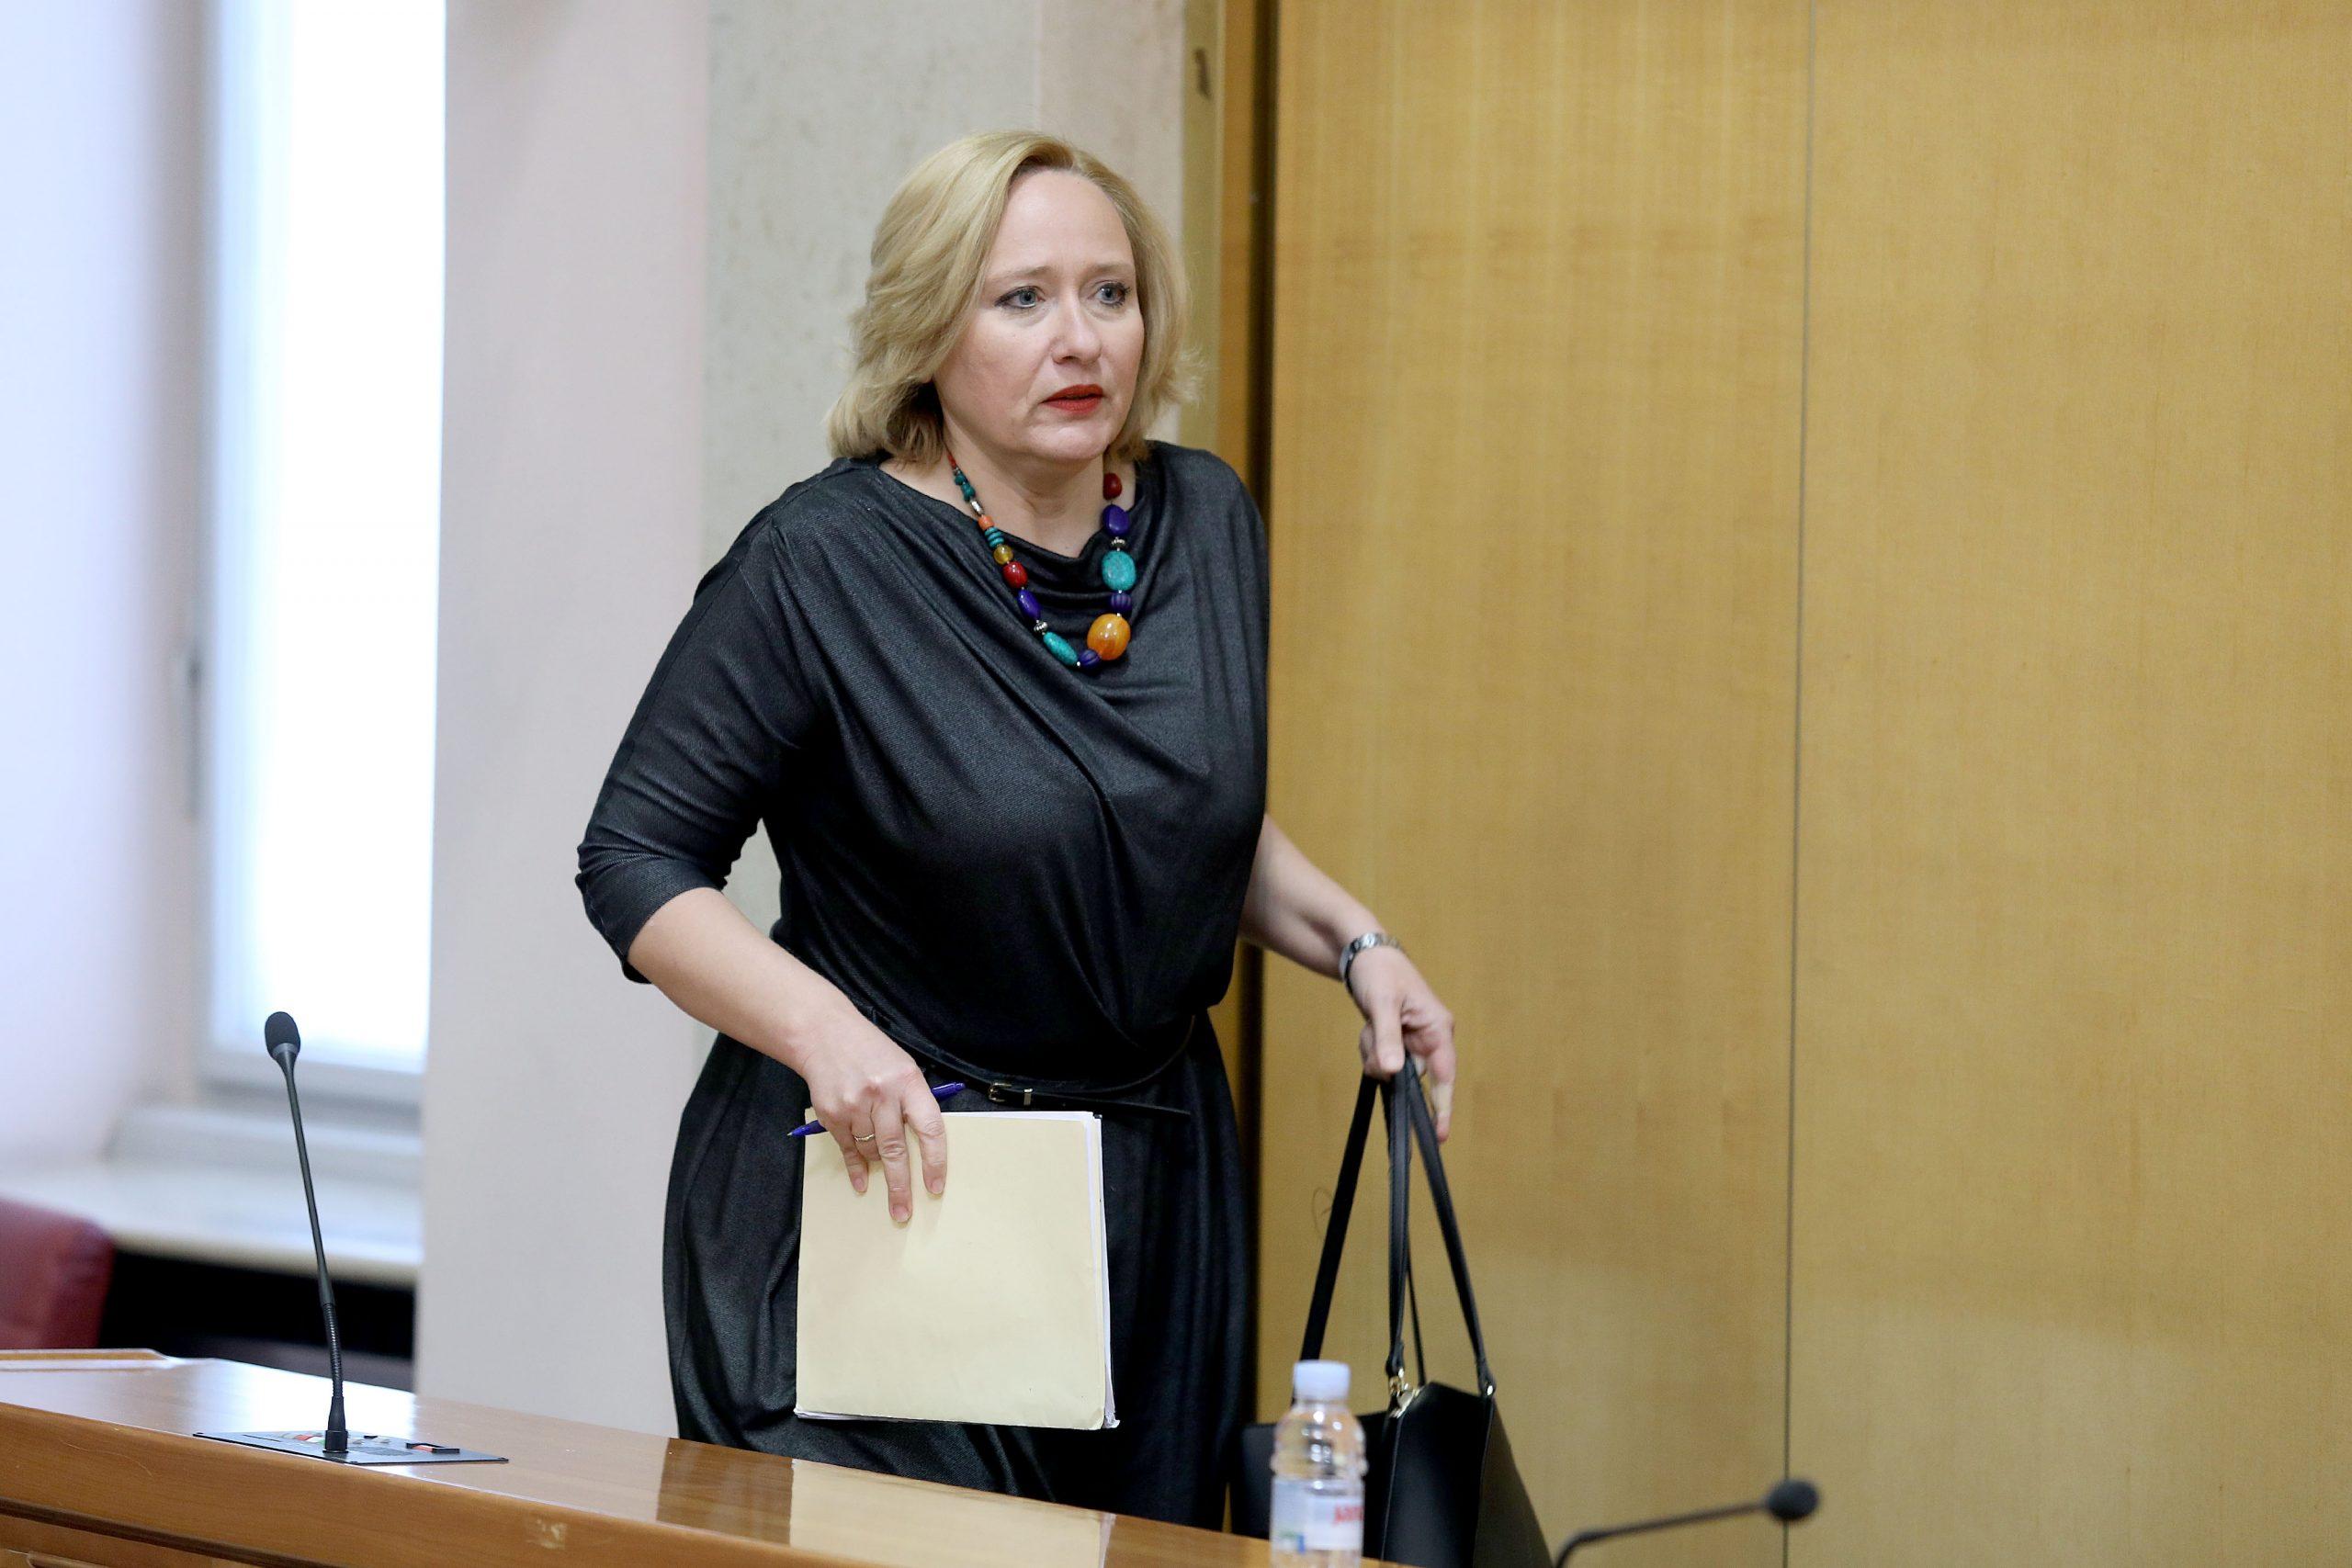 Lora Vidović nije se javila na natječaj / Photo: Patrik Macek/PIXSELL